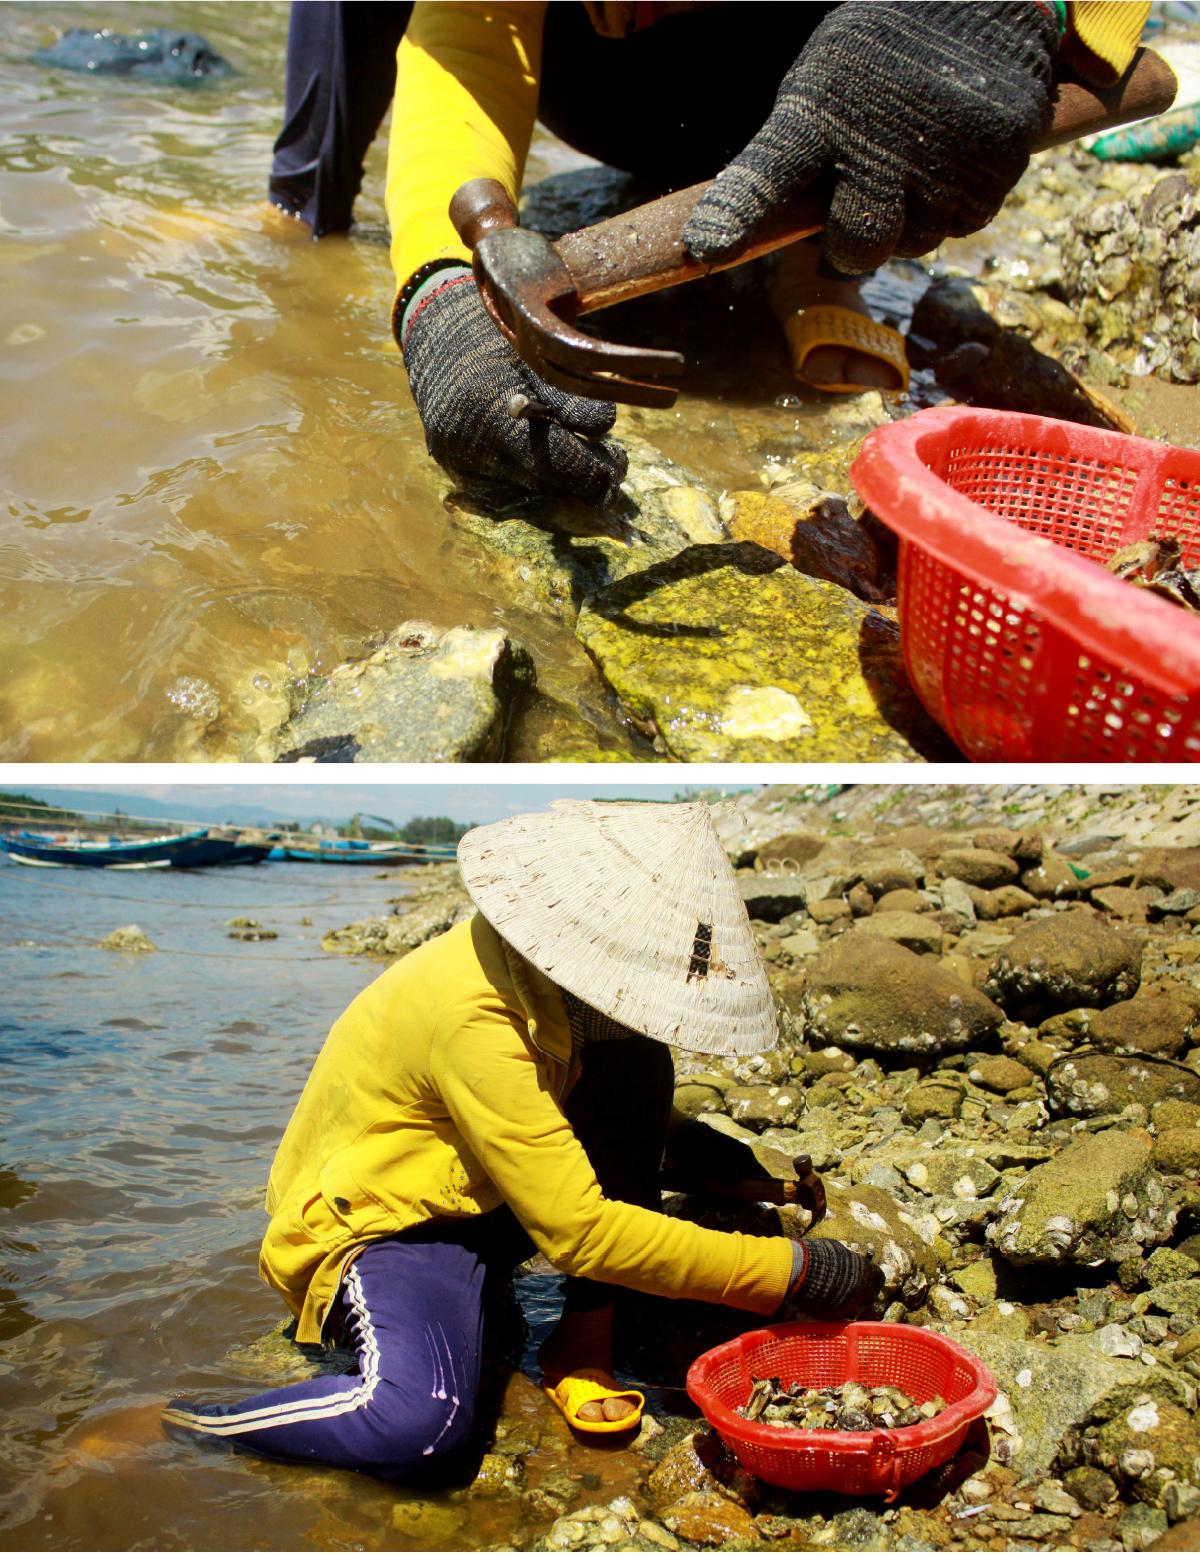 Nhọc nhằn nghề đẽo đá, đục hàu nơi cửa biển  ảnh 8